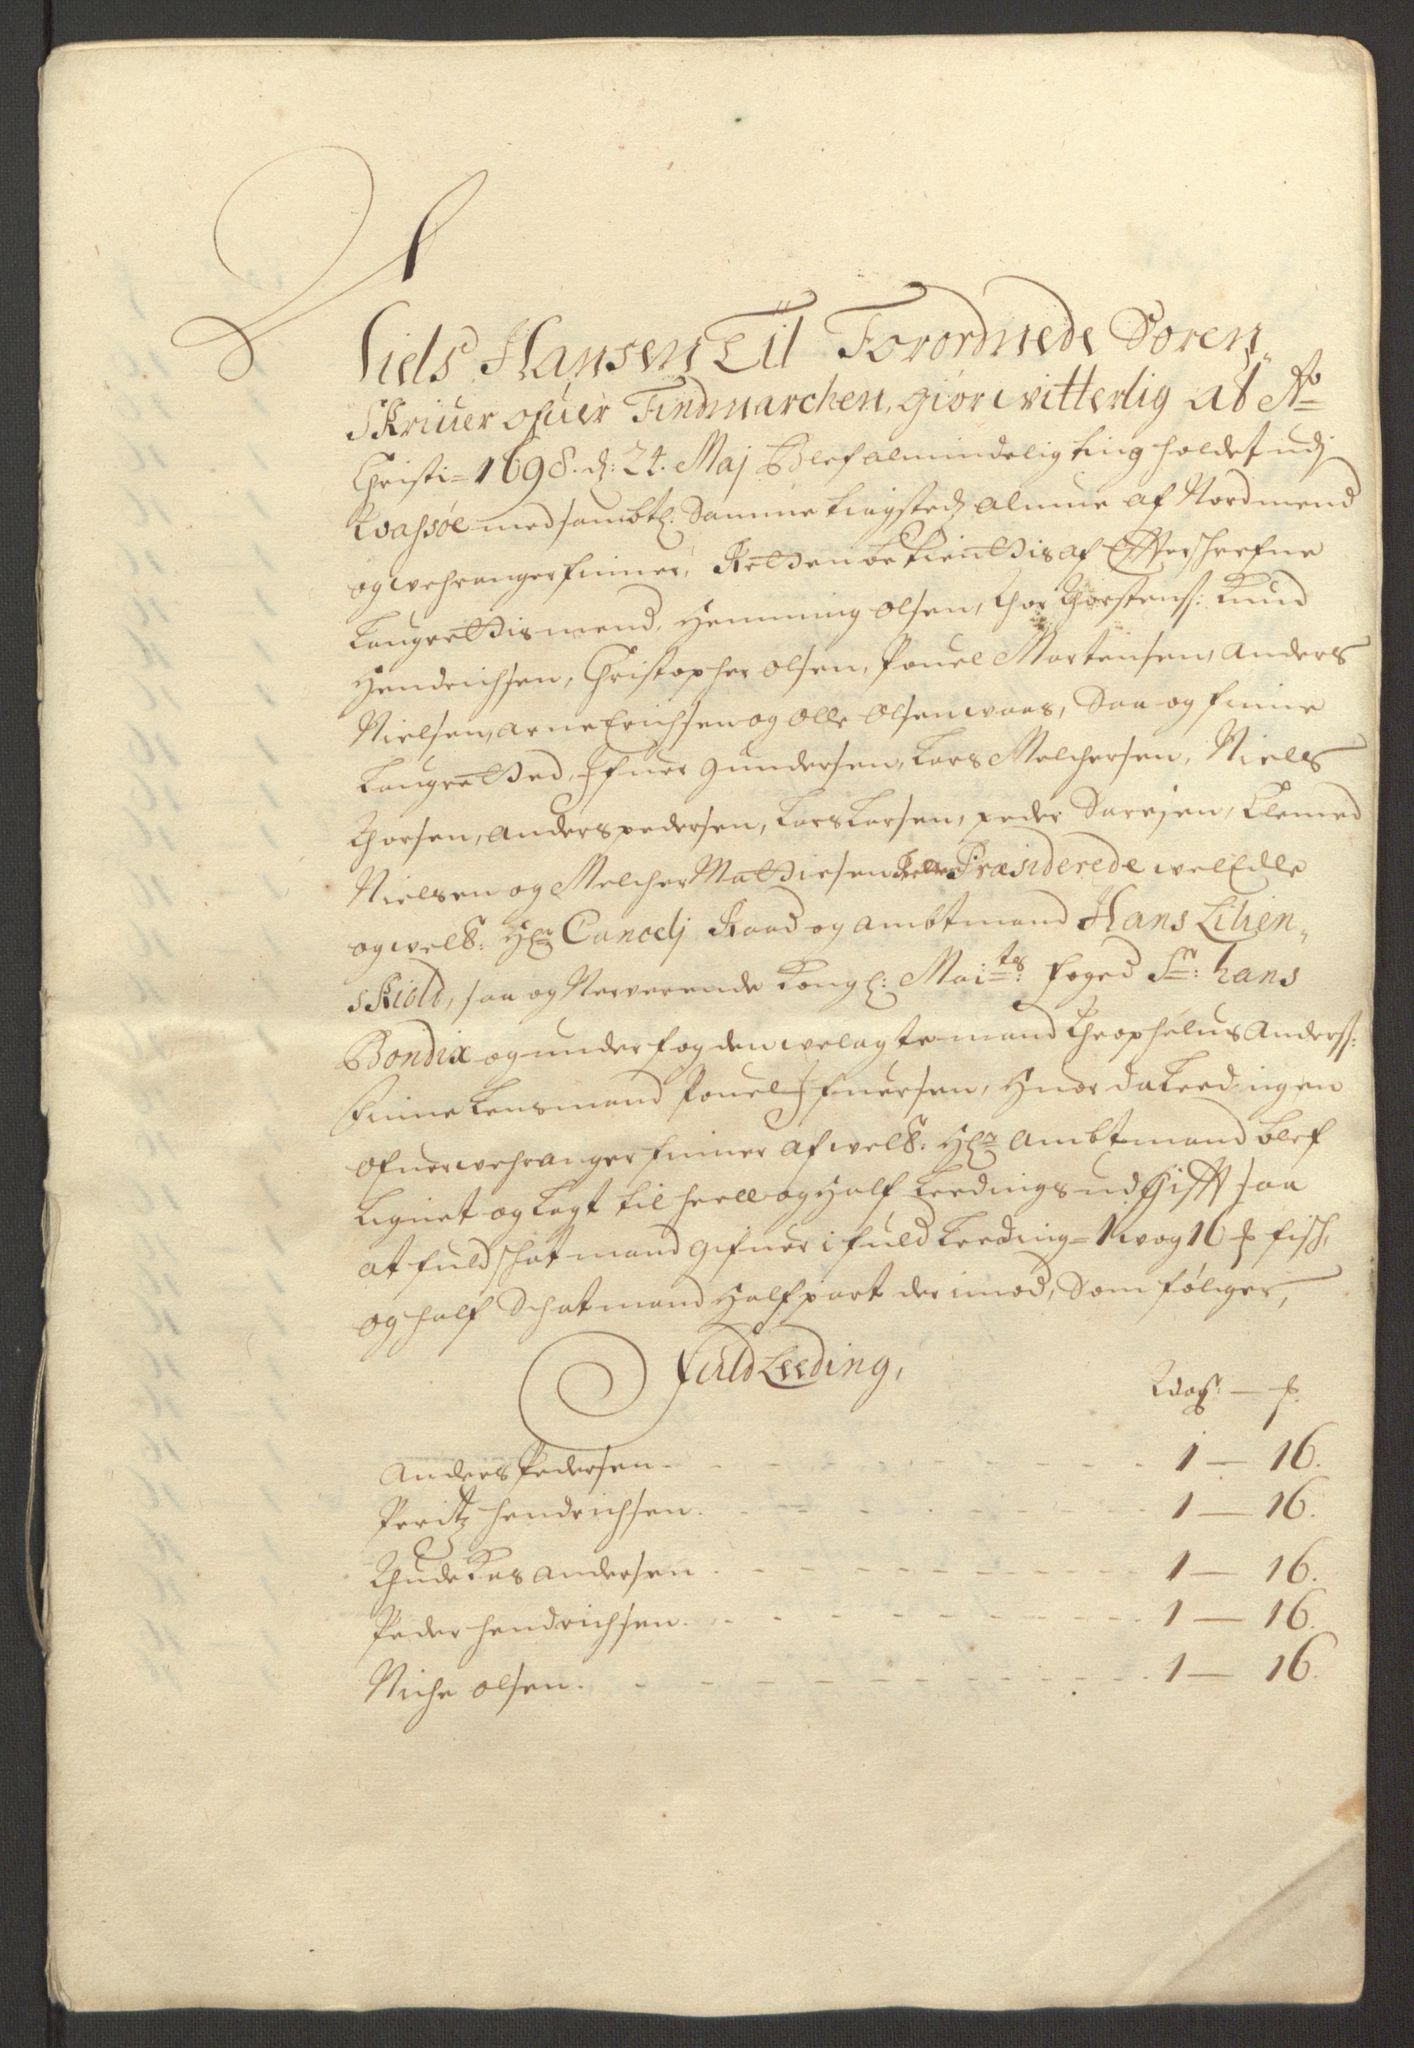 RA, Rentekammeret inntil 1814, Reviderte regnskaper, Fogderegnskap, R69/L4851: Fogderegnskap Finnmark/Vardøhus, 1691-1700, s. 367